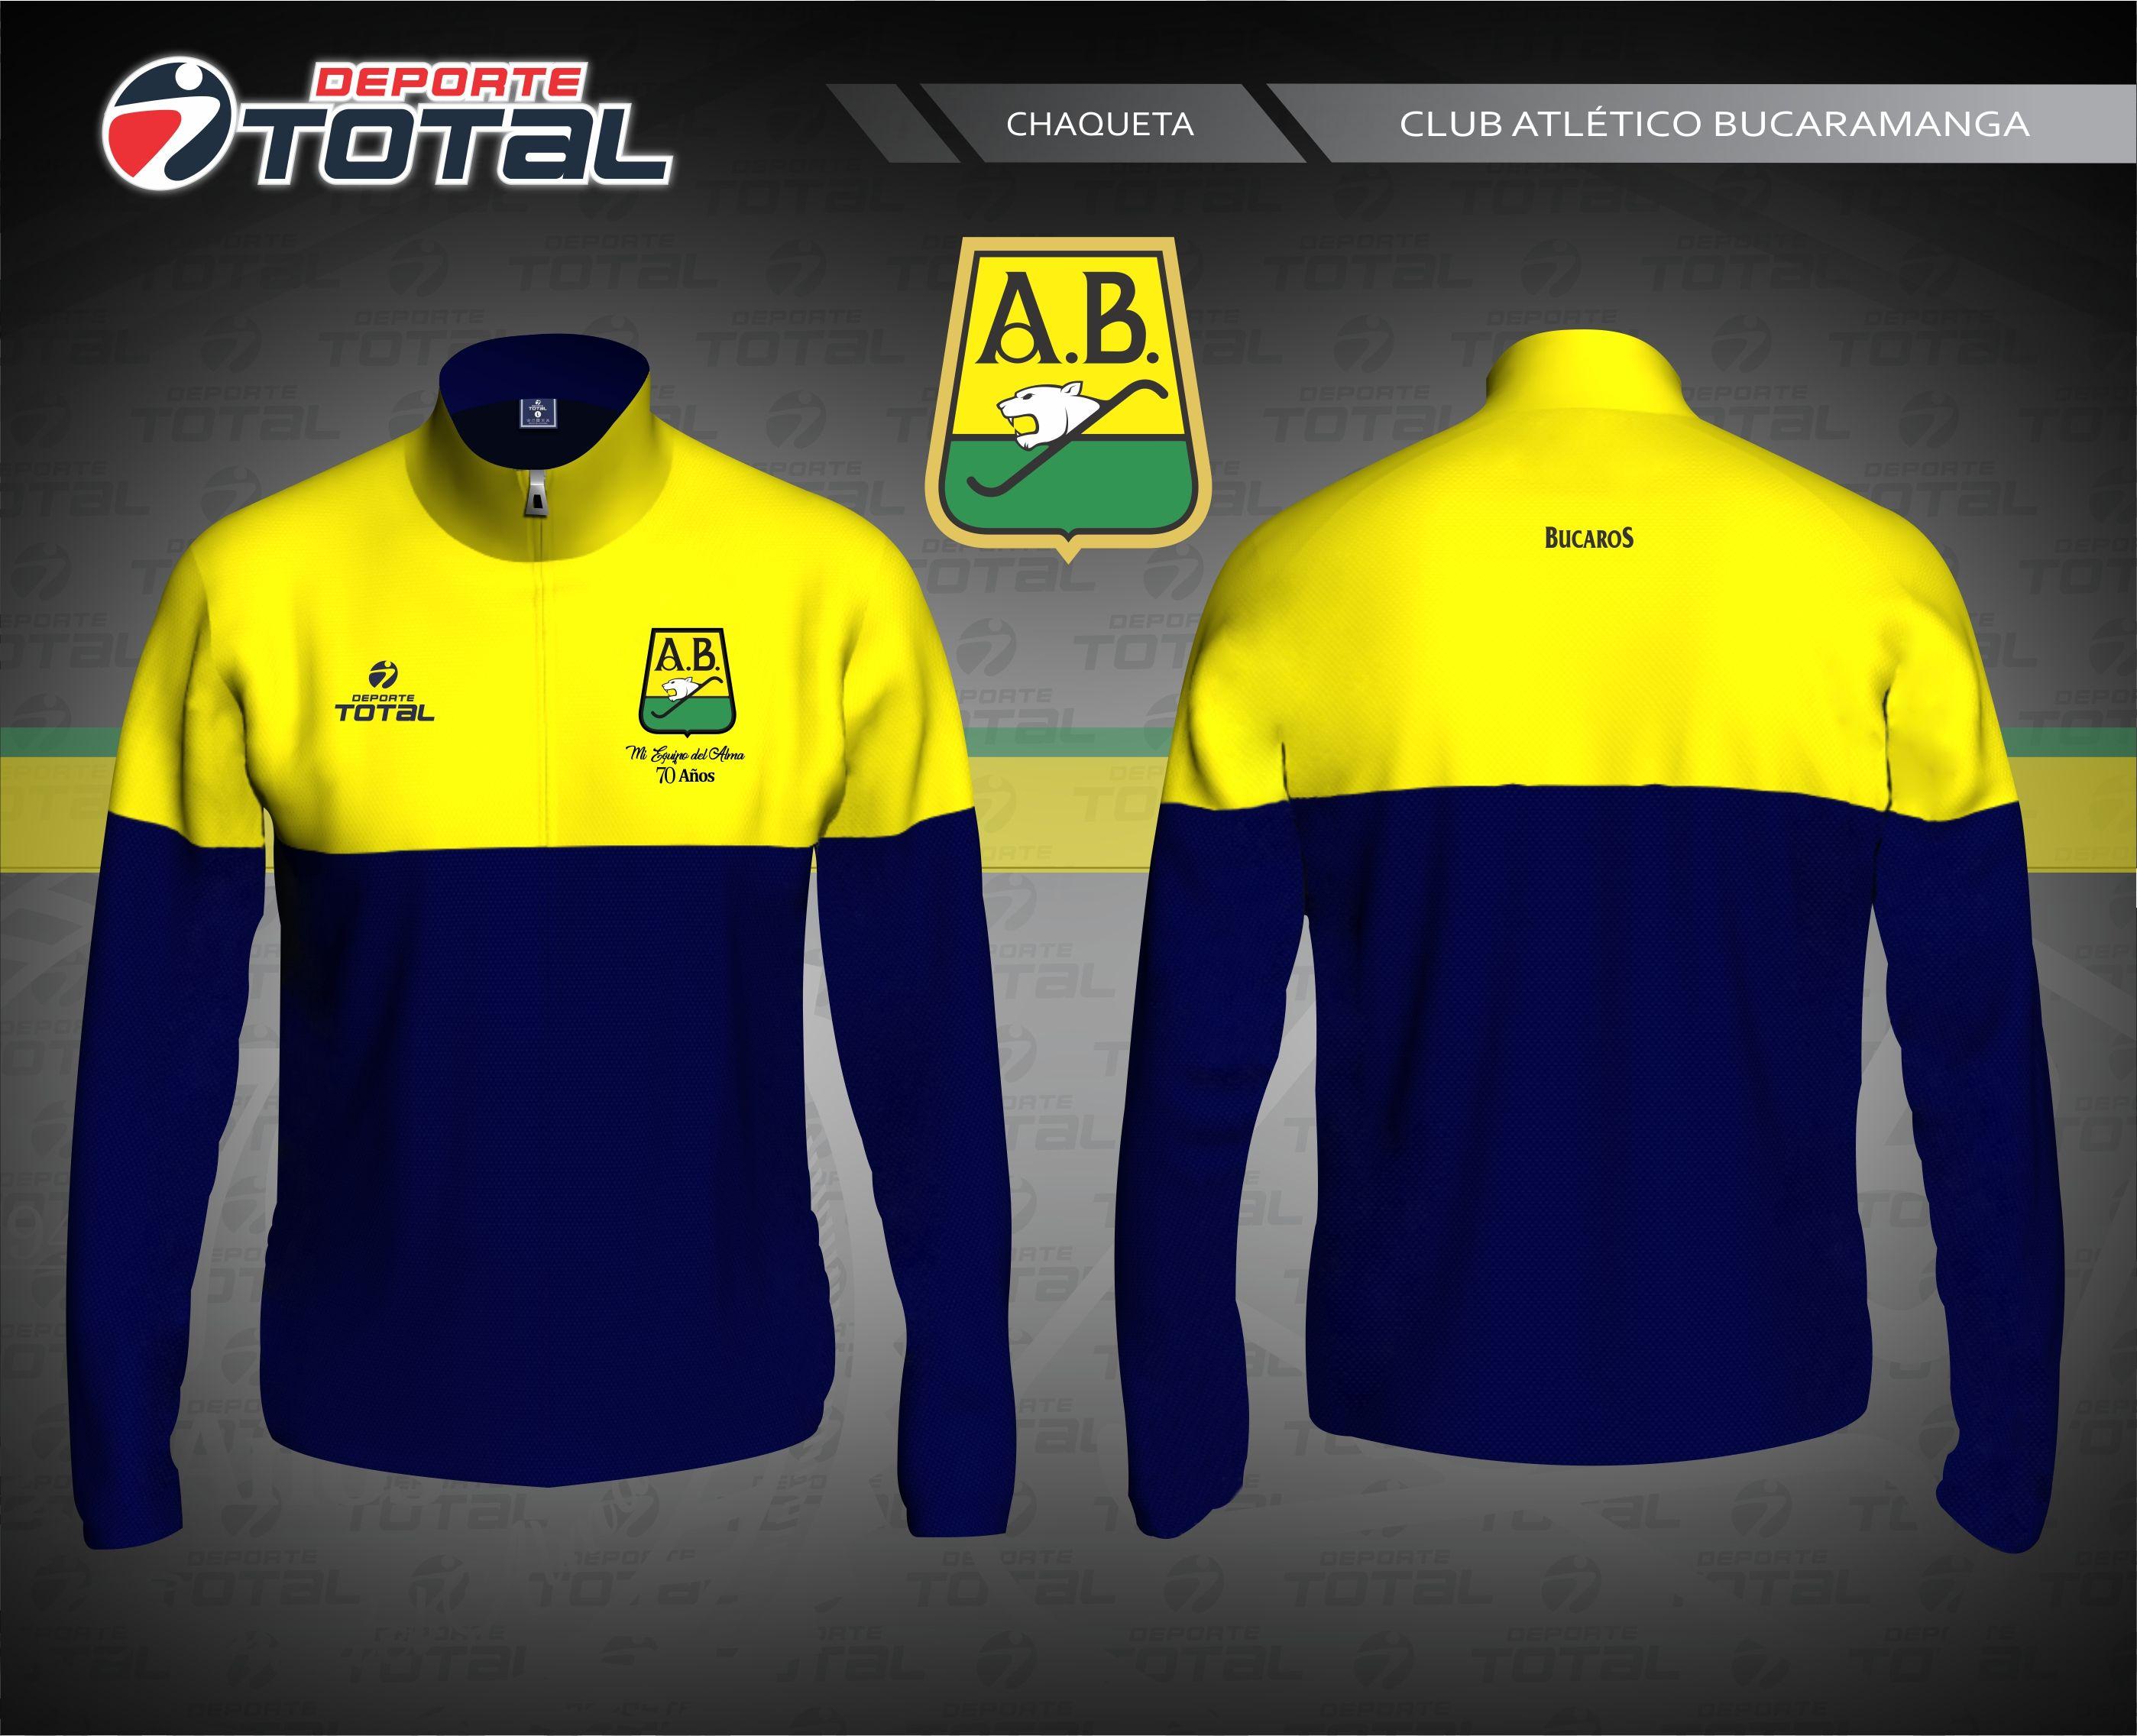 Chaqueta - deporte total-atletico bucaramanga- 2018-camiseta-uniforme-futbol -juego-soccer-diseño-santander-colombia-futbol colombiano-70 años-14 292b0cfa6eeac